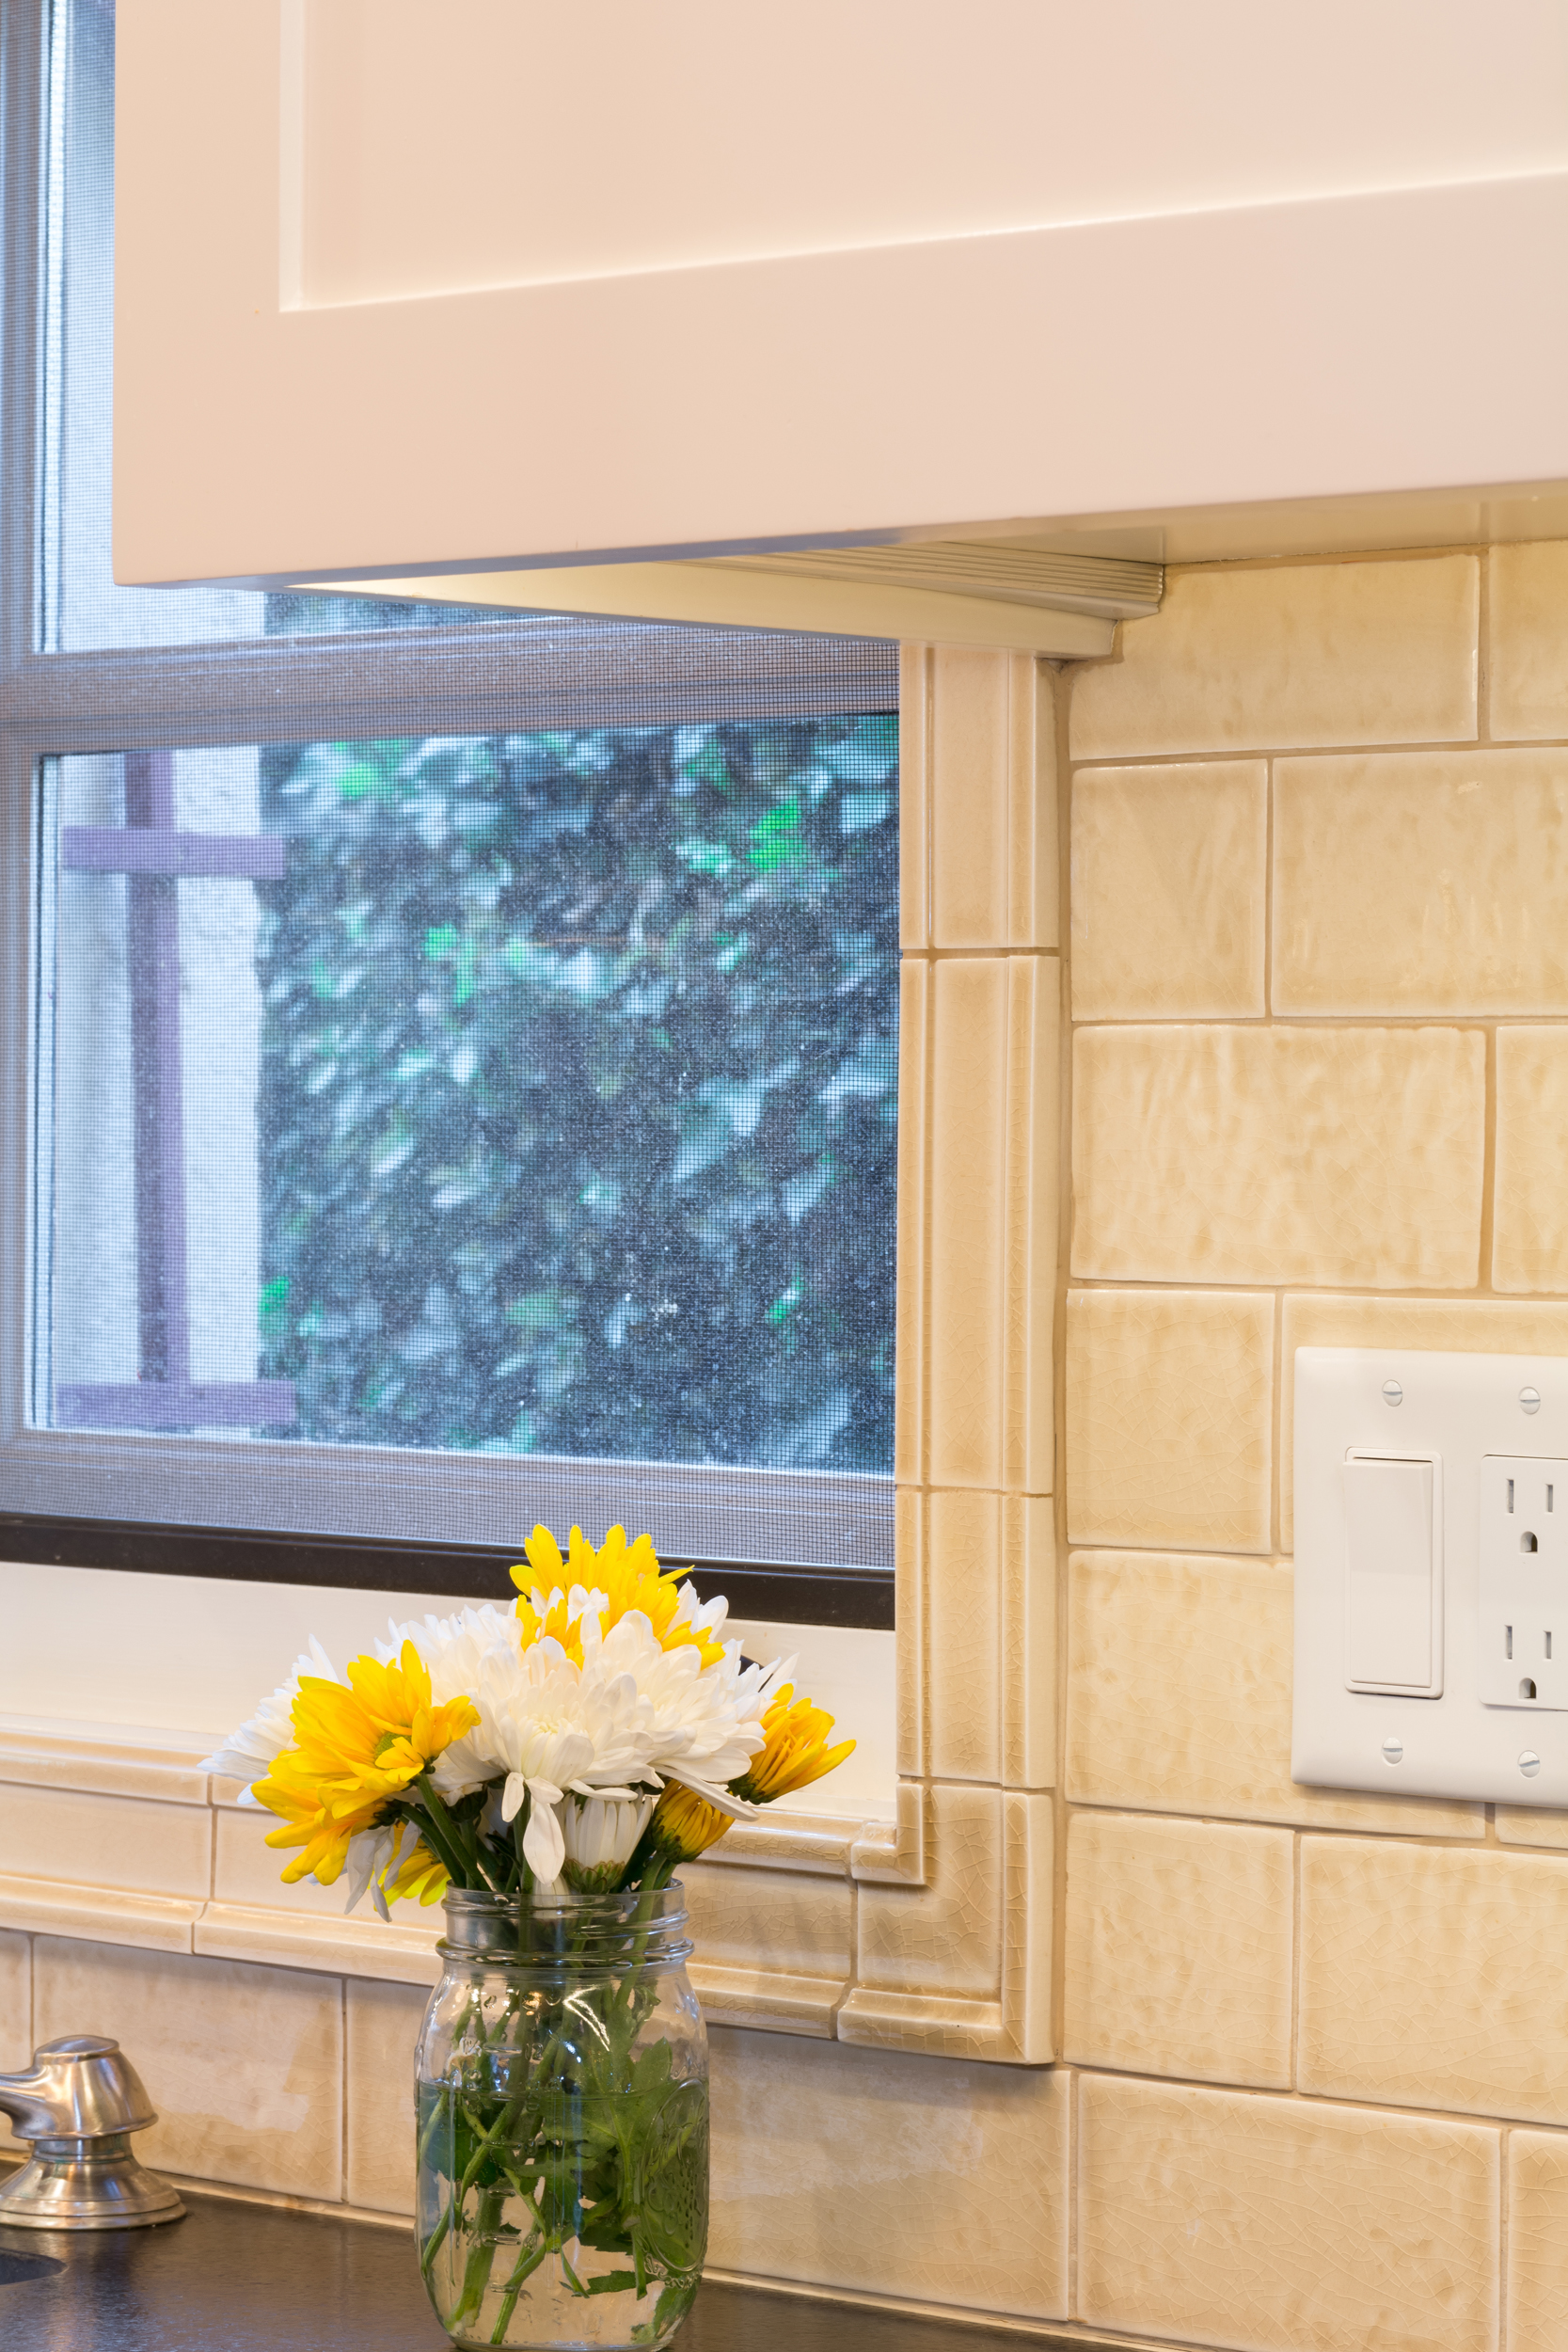 Tile backsplash and window frame